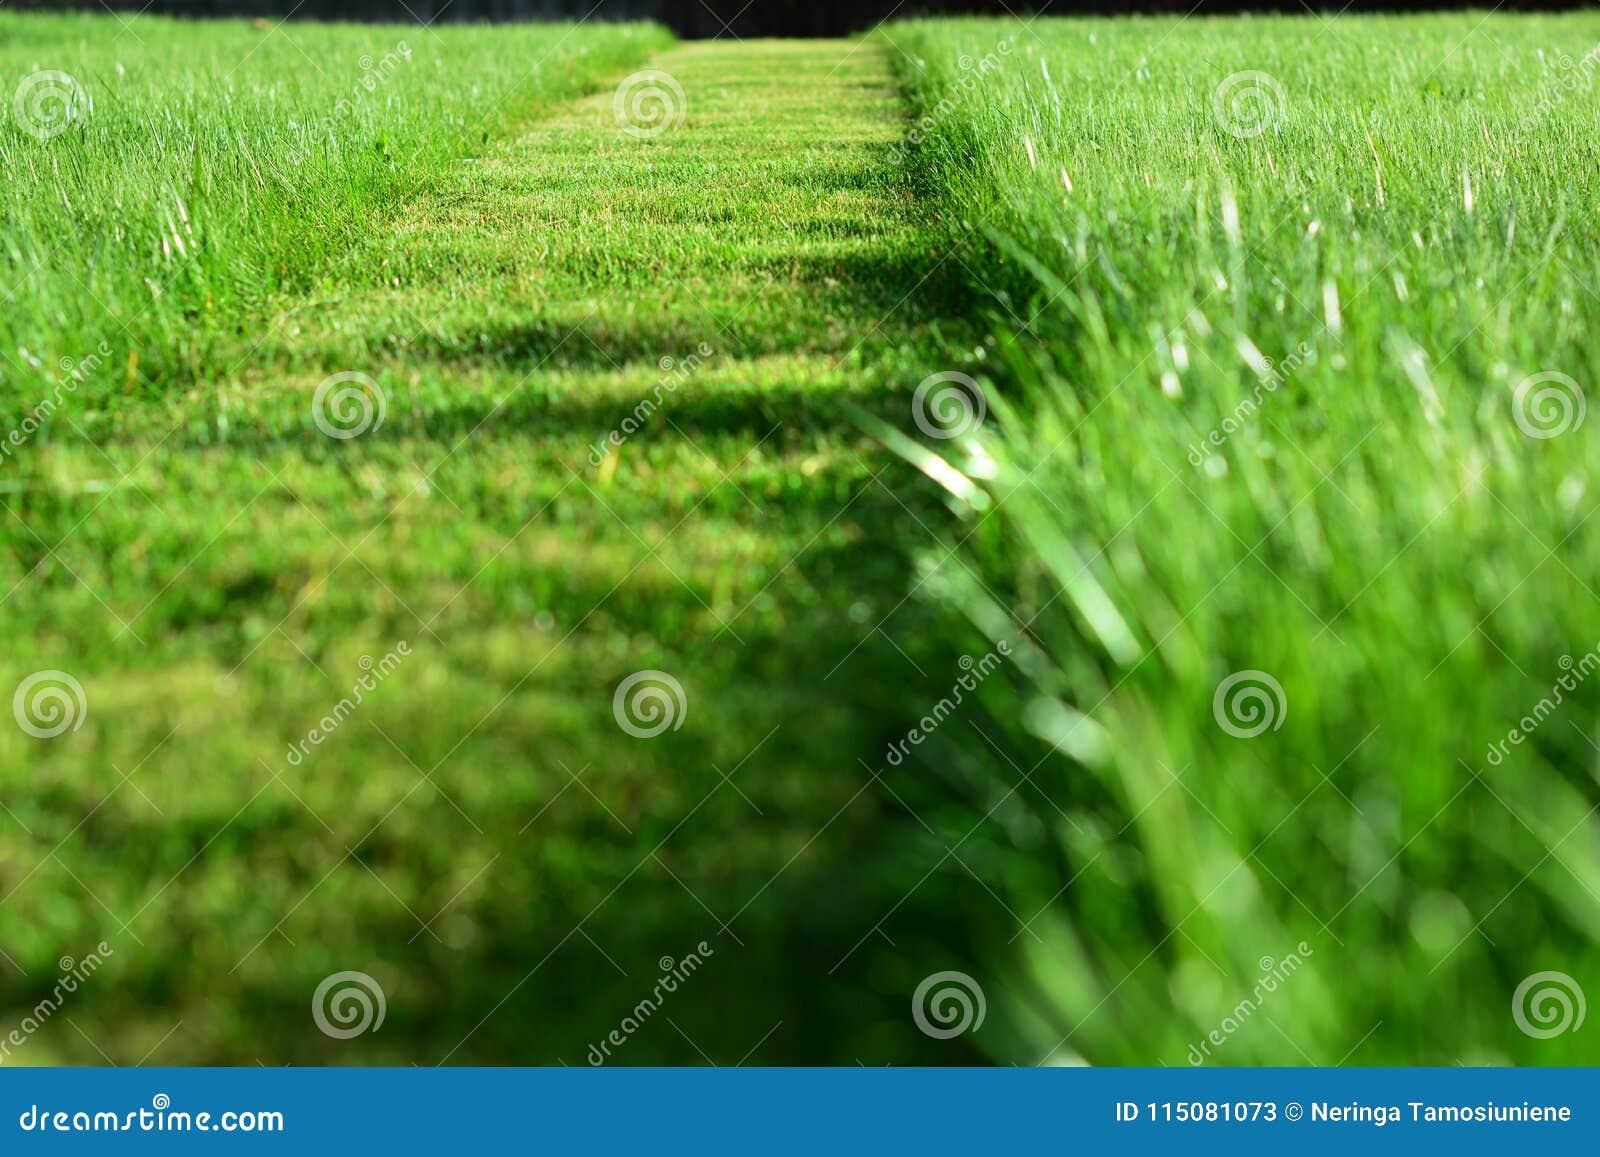 Siega del césped Una perspectiva de la tira del corte de la hierba verde